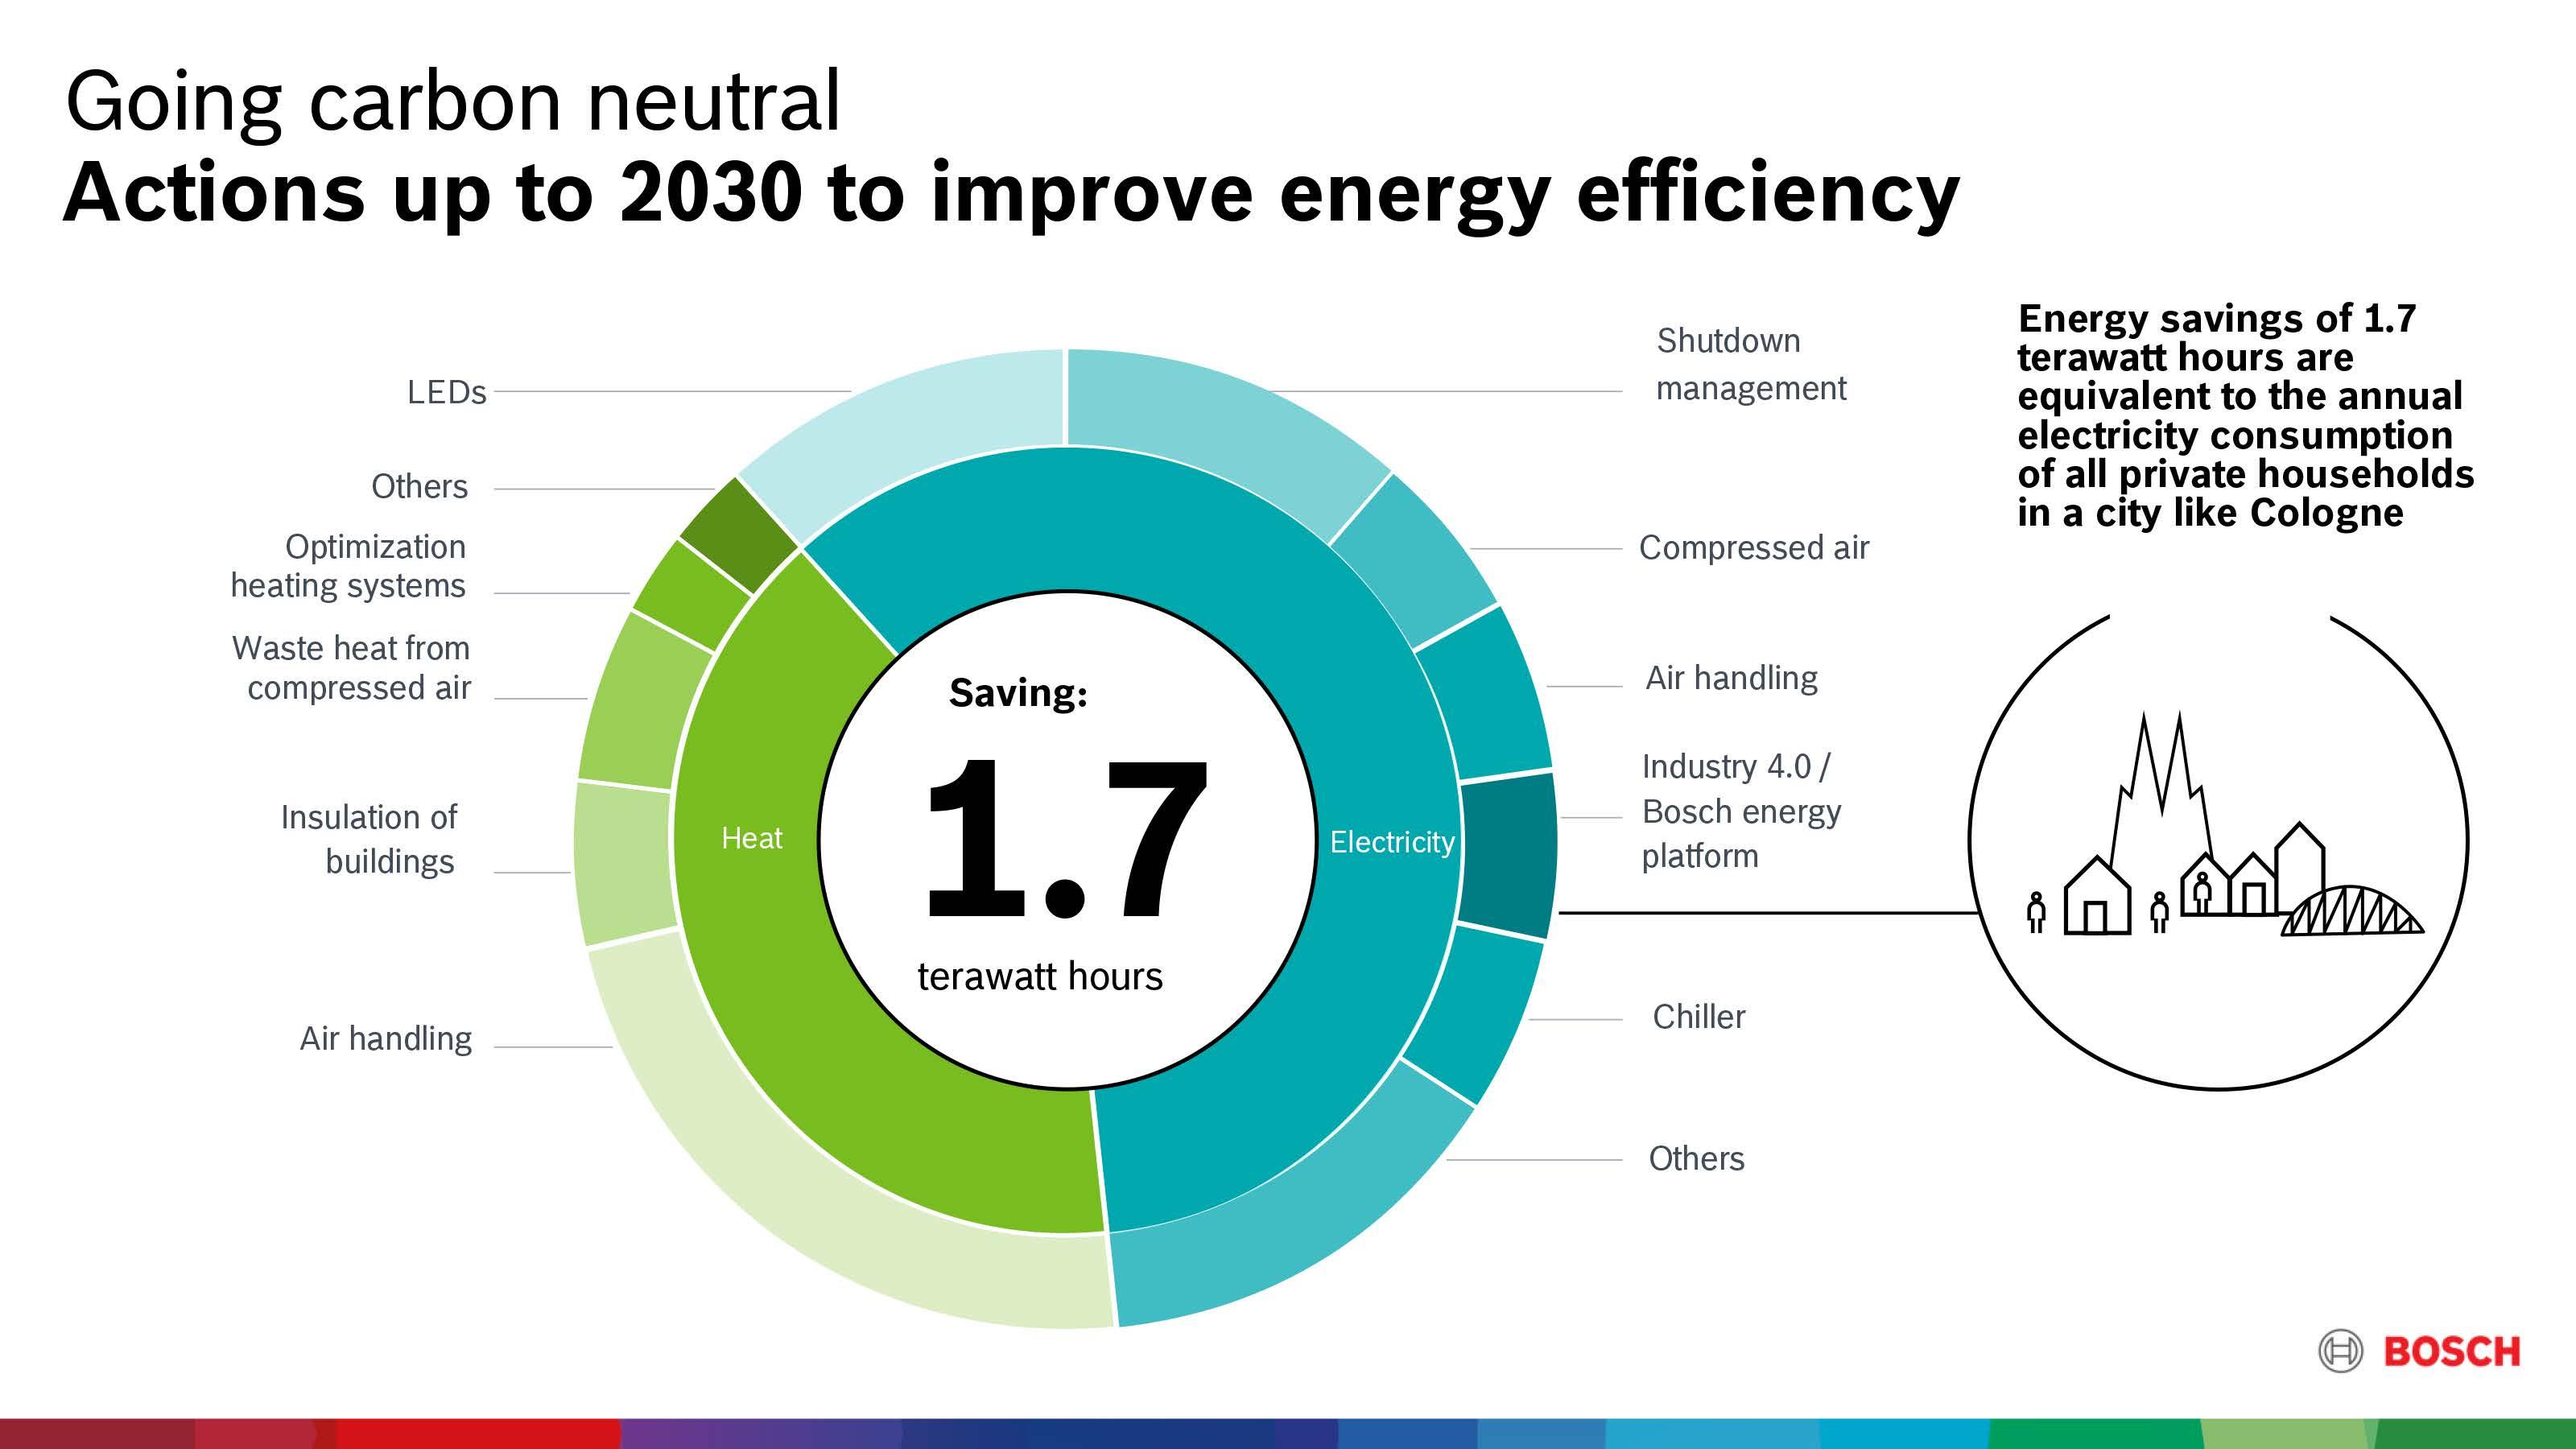 Opatření ke zlepšení energetické účinnosti